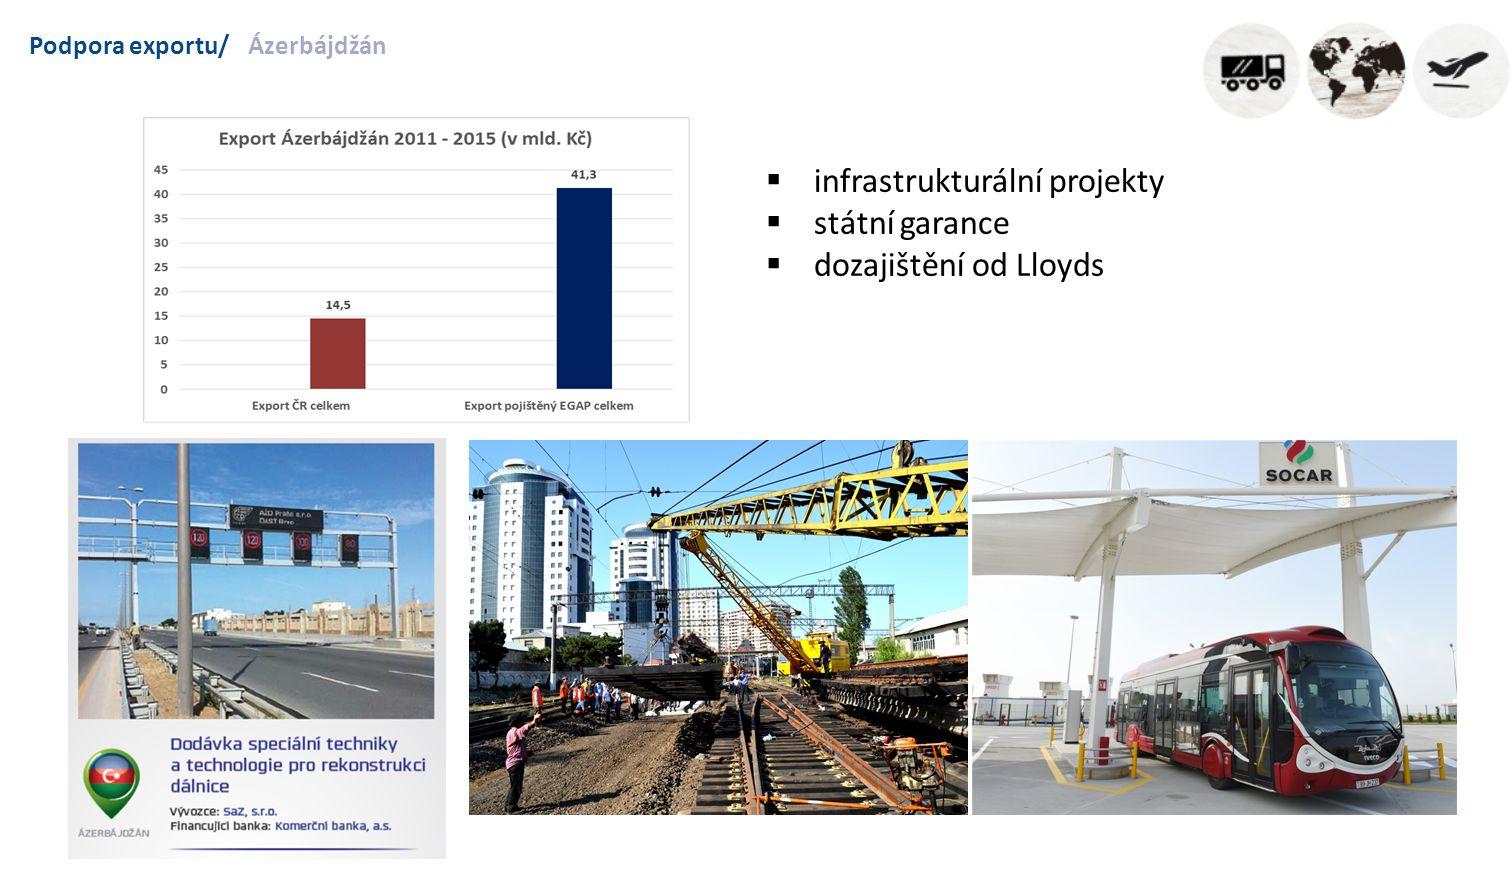 Podpora exportu/Ázerbájdžán  infrastrukturální projekty  státní garance  dozajištění od Lloyds